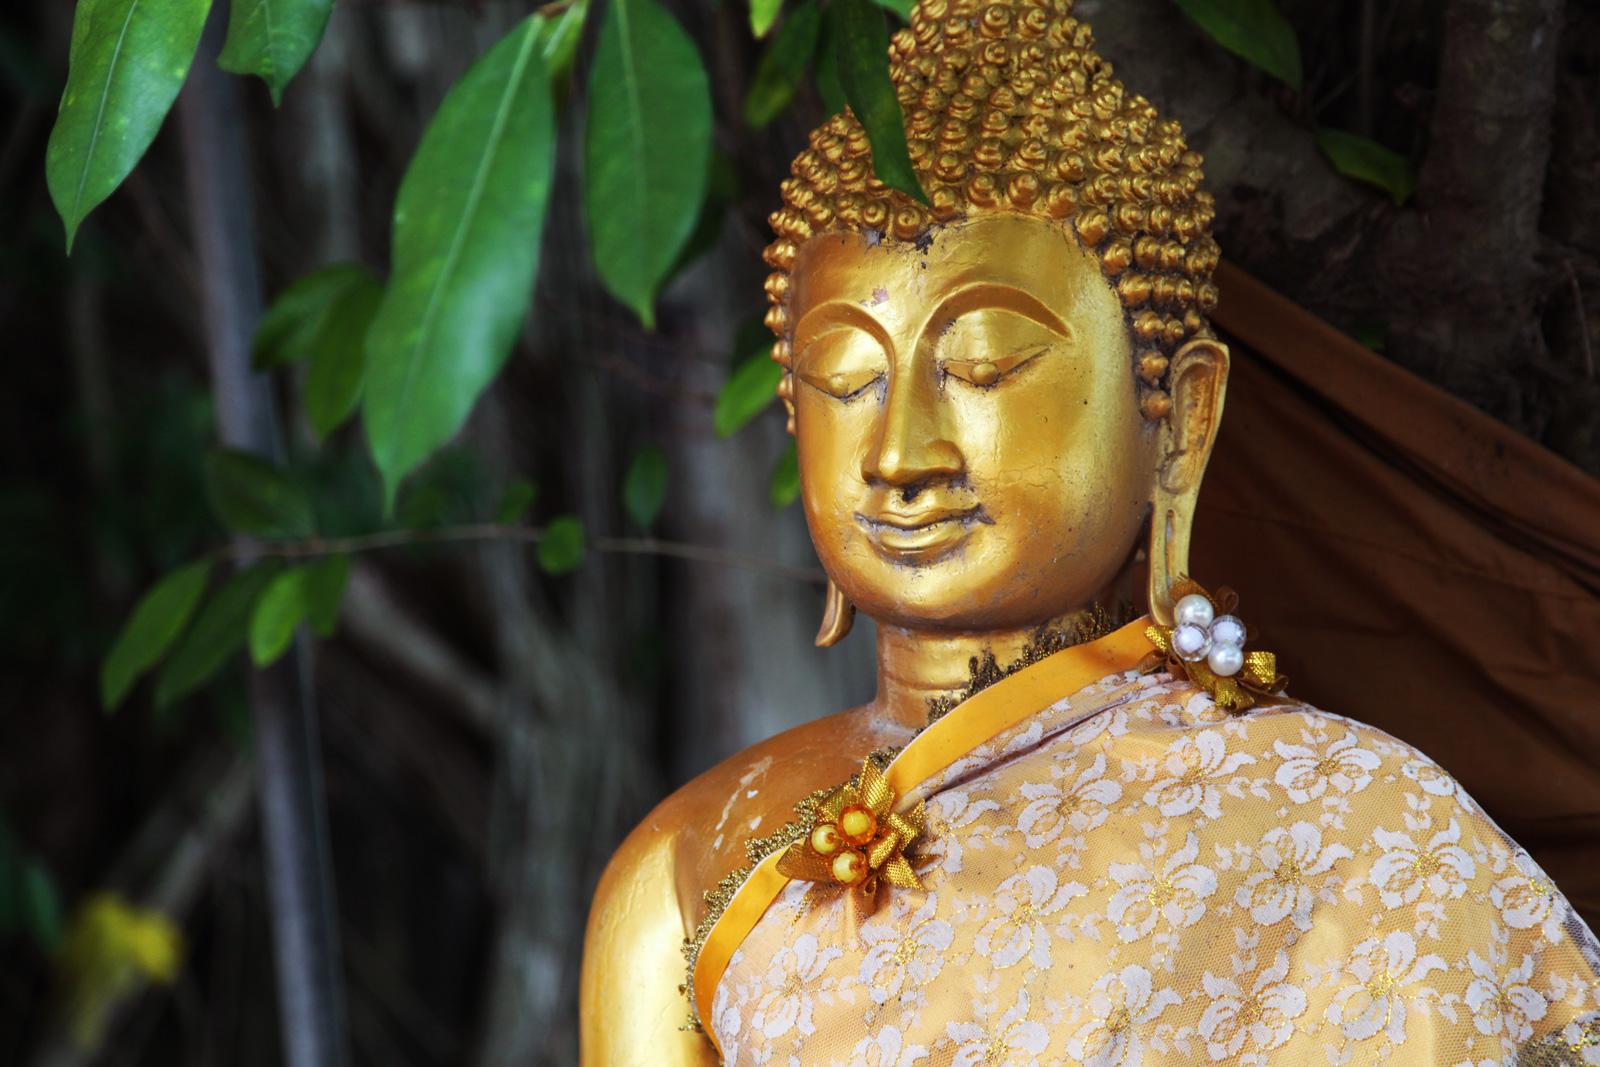 tempels-bangkok-thailand-10